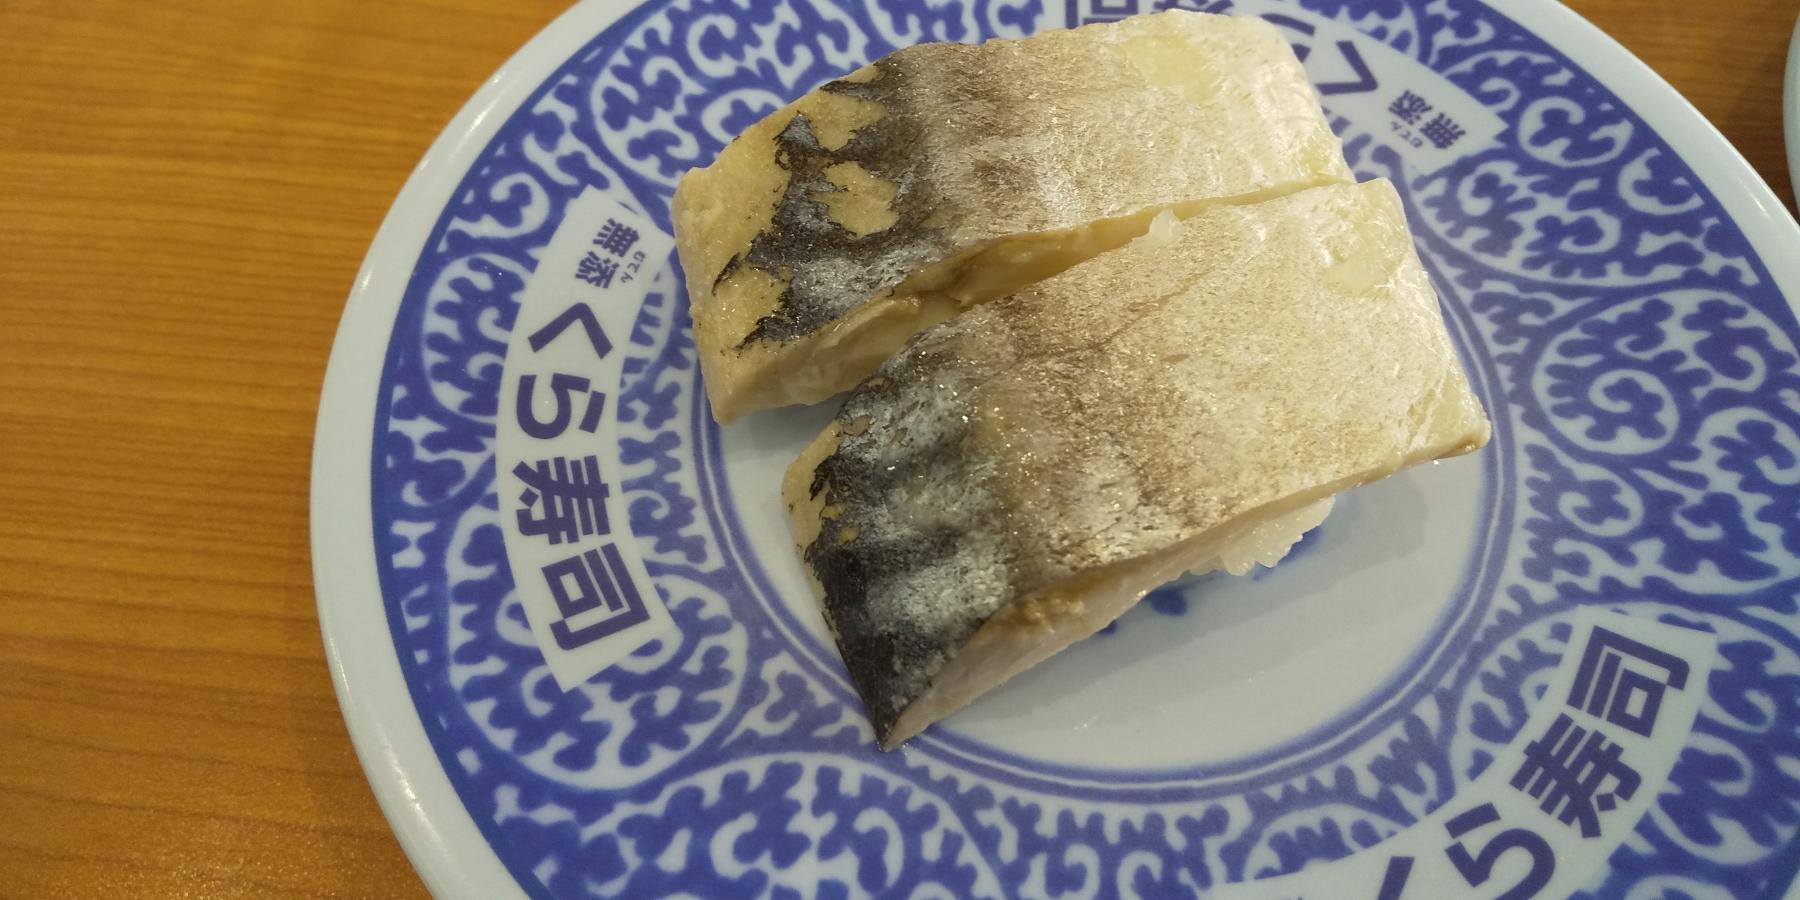 """栄 中野 くら 寿司 スシローとくら寿司 「価格帯」と「シャリ」から見えた戦略の""""決定的""""な違いとは"""